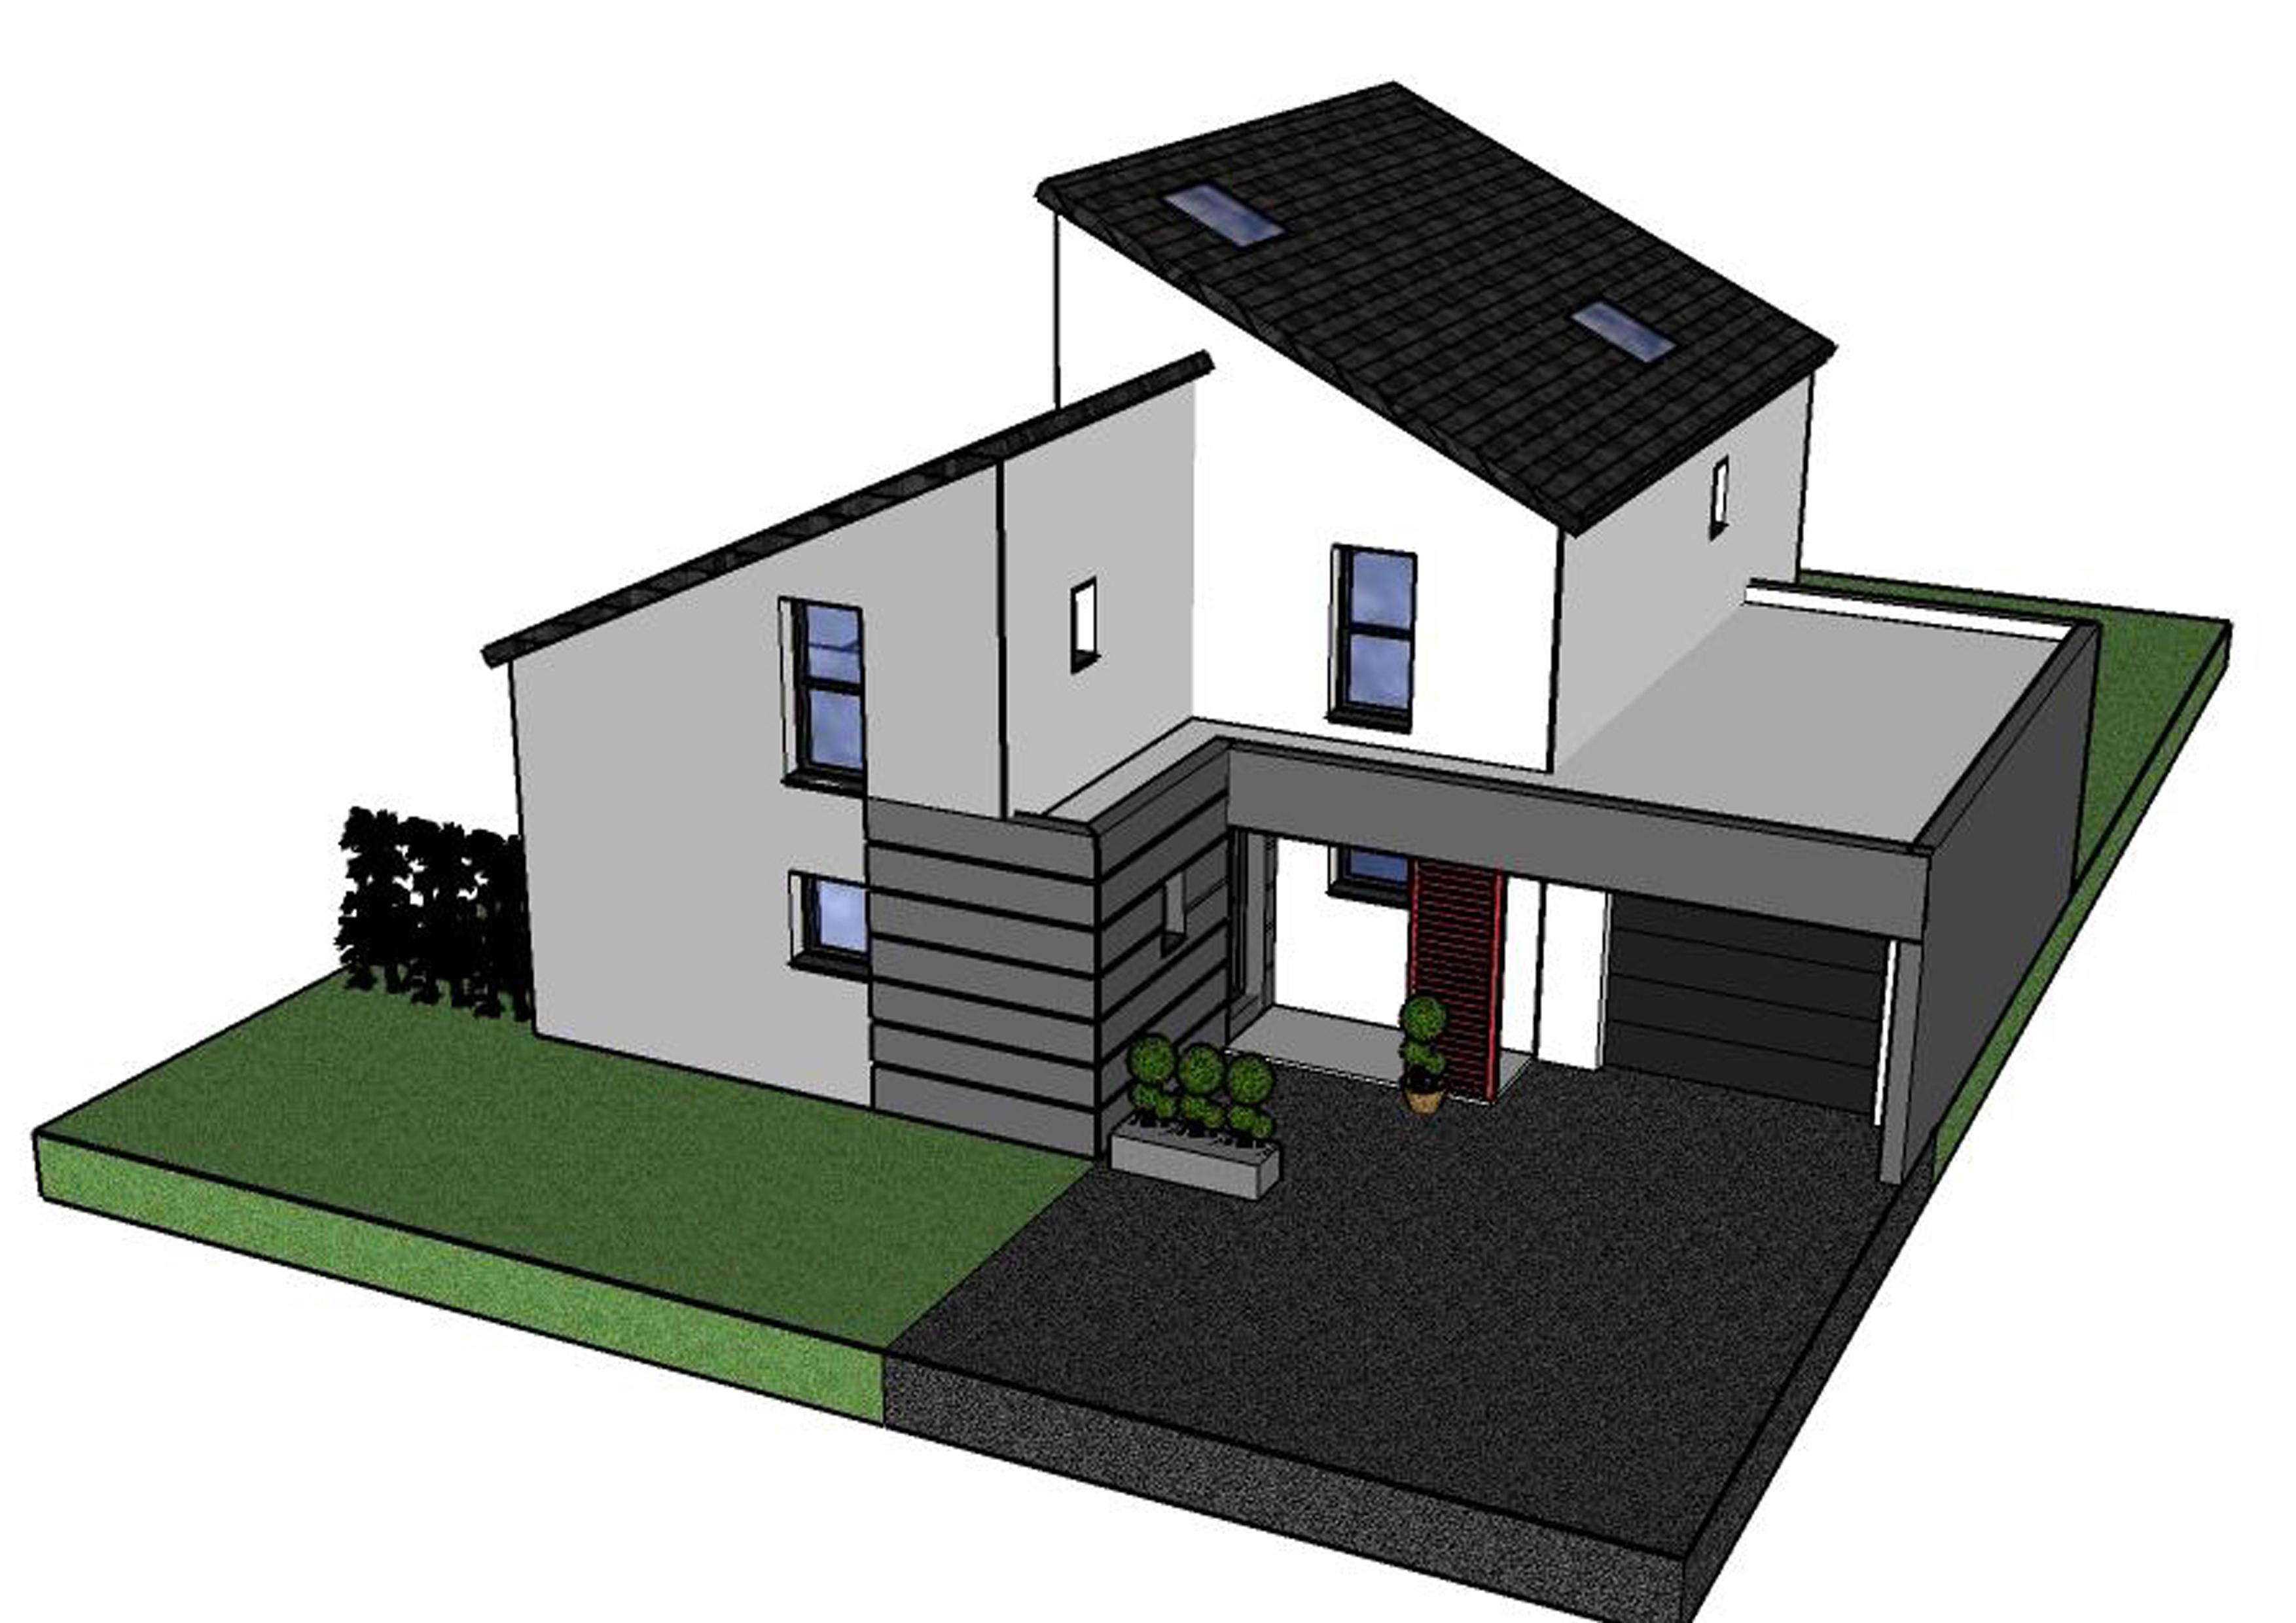 3A REDOIS-SURGET Architectes Commune de la Région de Blain